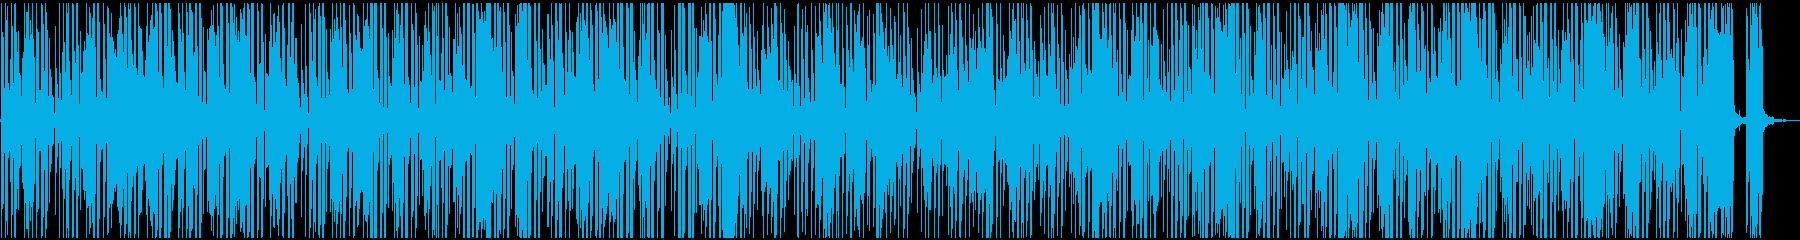 ぎこちなさを感じるファンキーなジャズの再生済みの波形